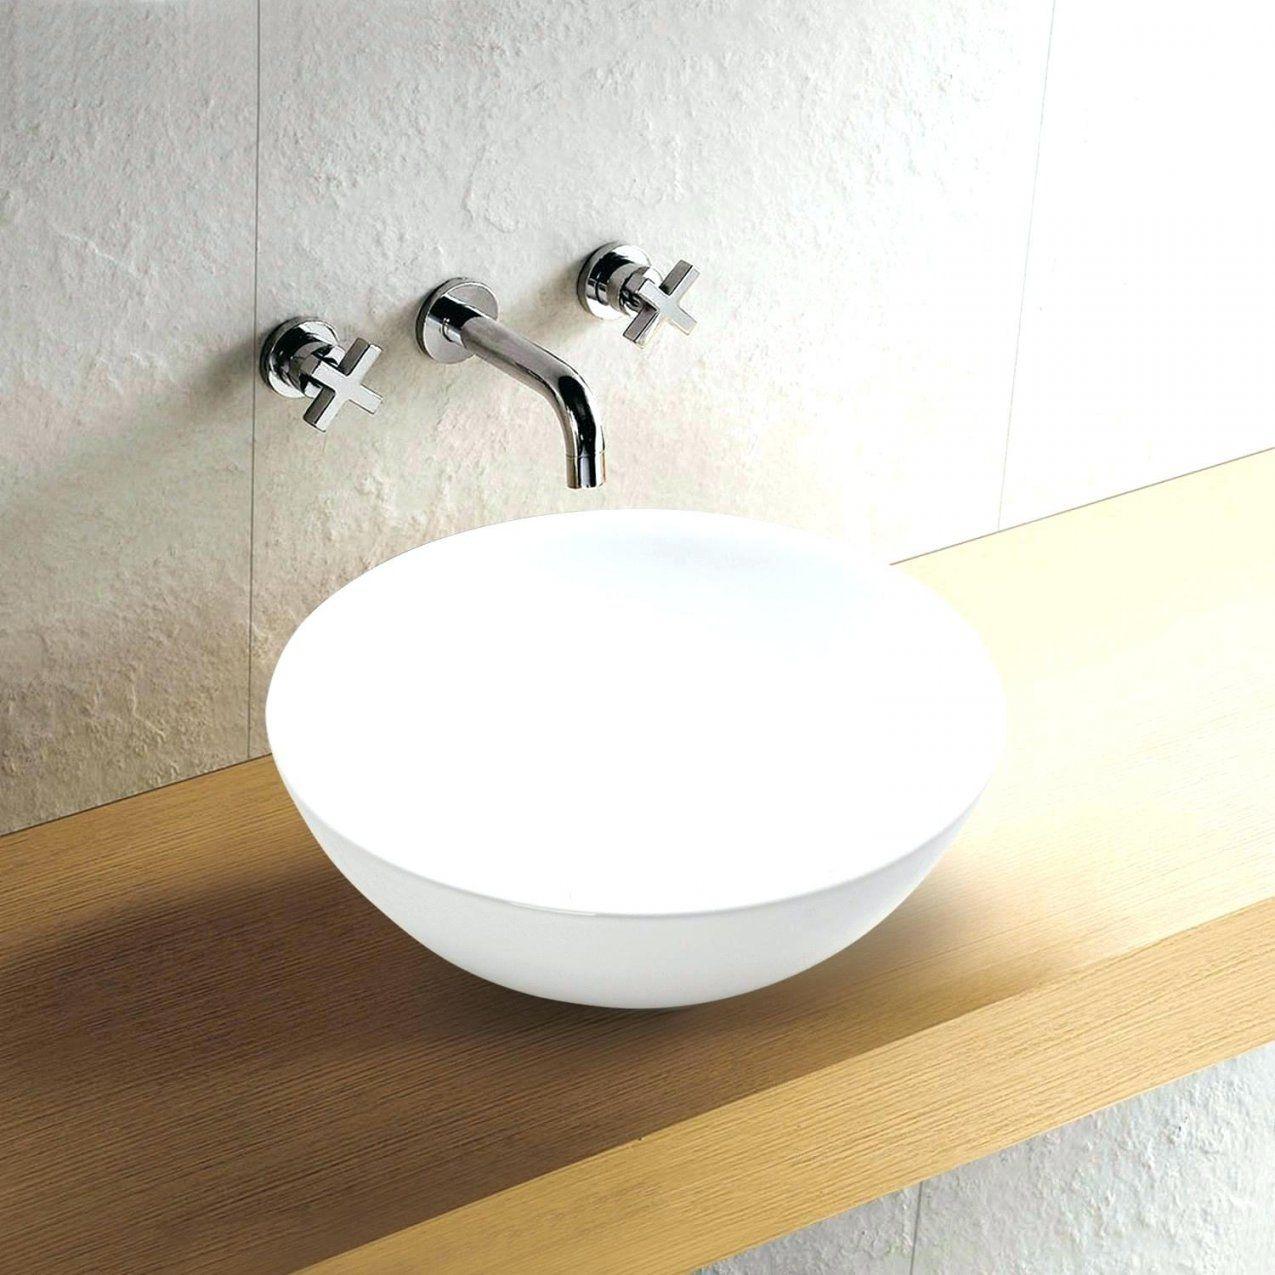 Aufsatzwaschtisch Rund Aufsatzwaschbecken Aufsatz Keramik von Waschbecken Rund 30 Cm Bild